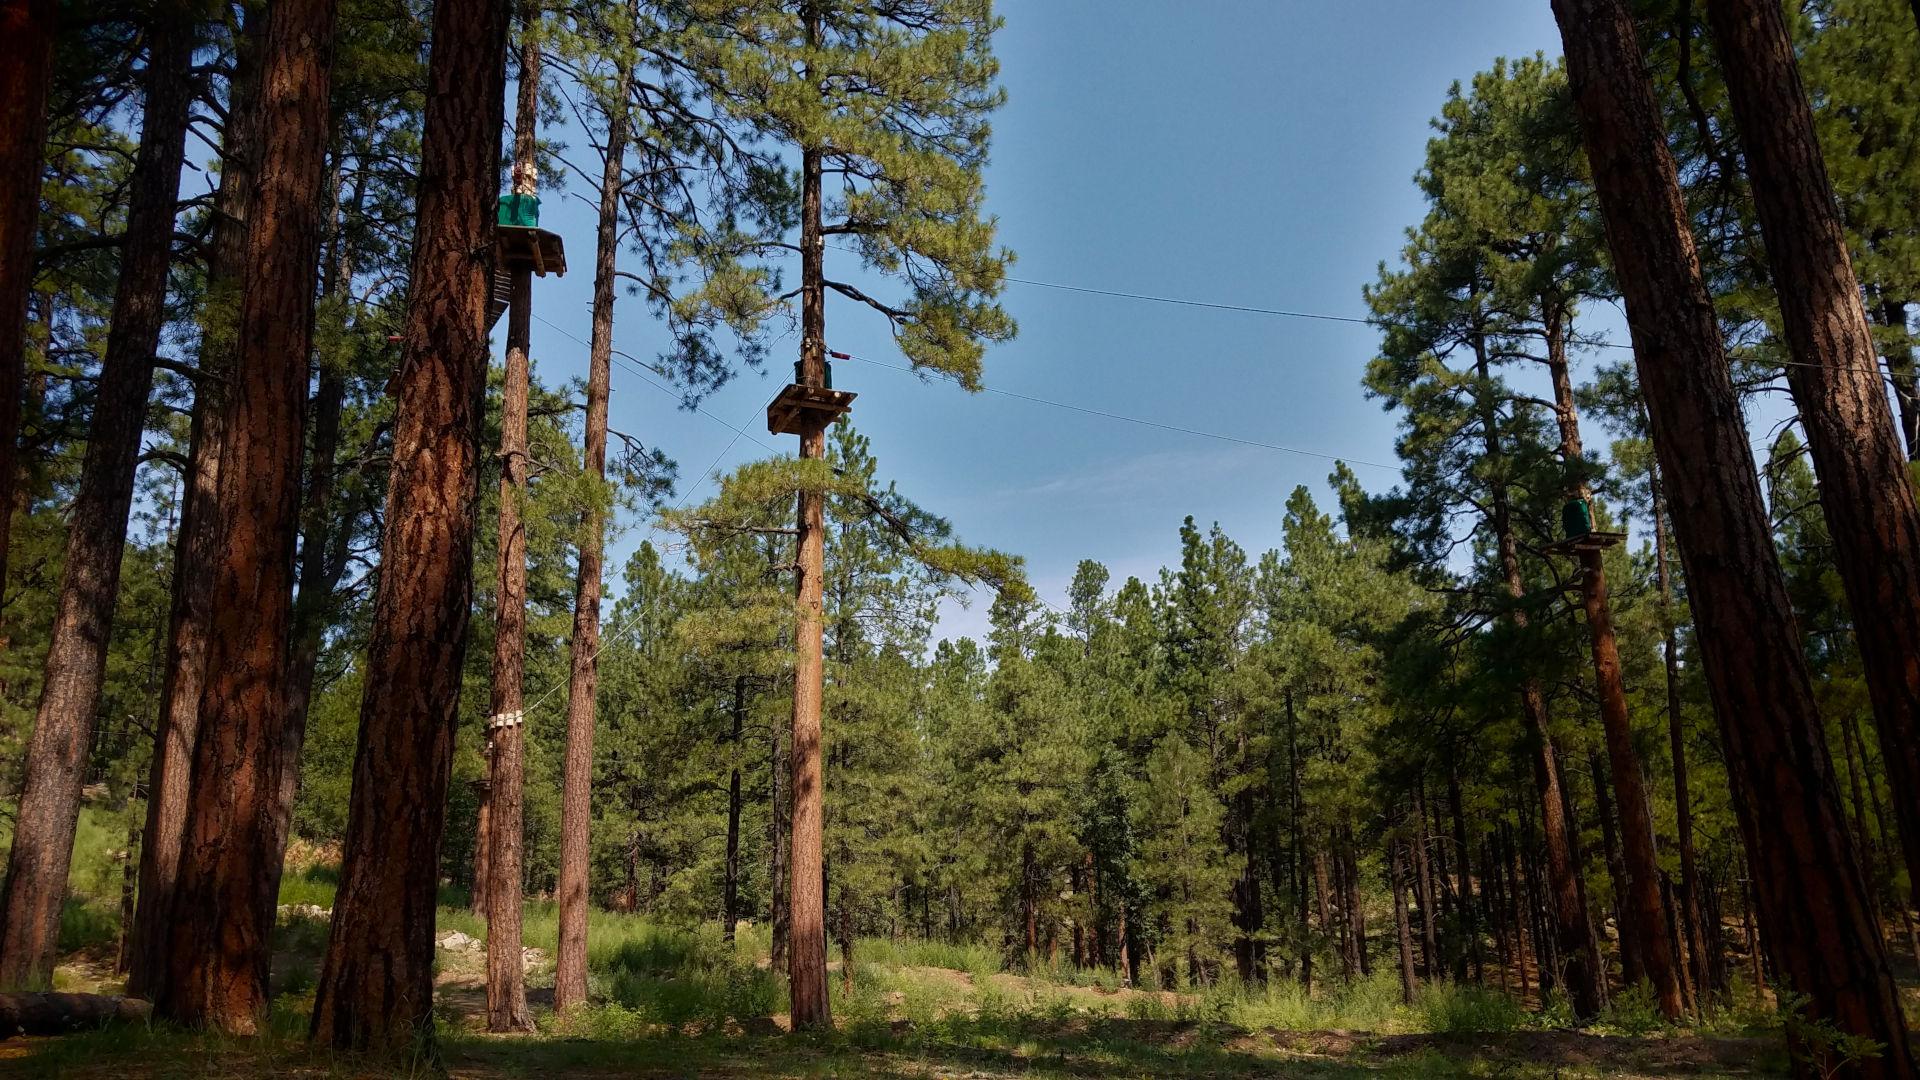 5 Tips for Arizona Zip Line Adventure tree stands